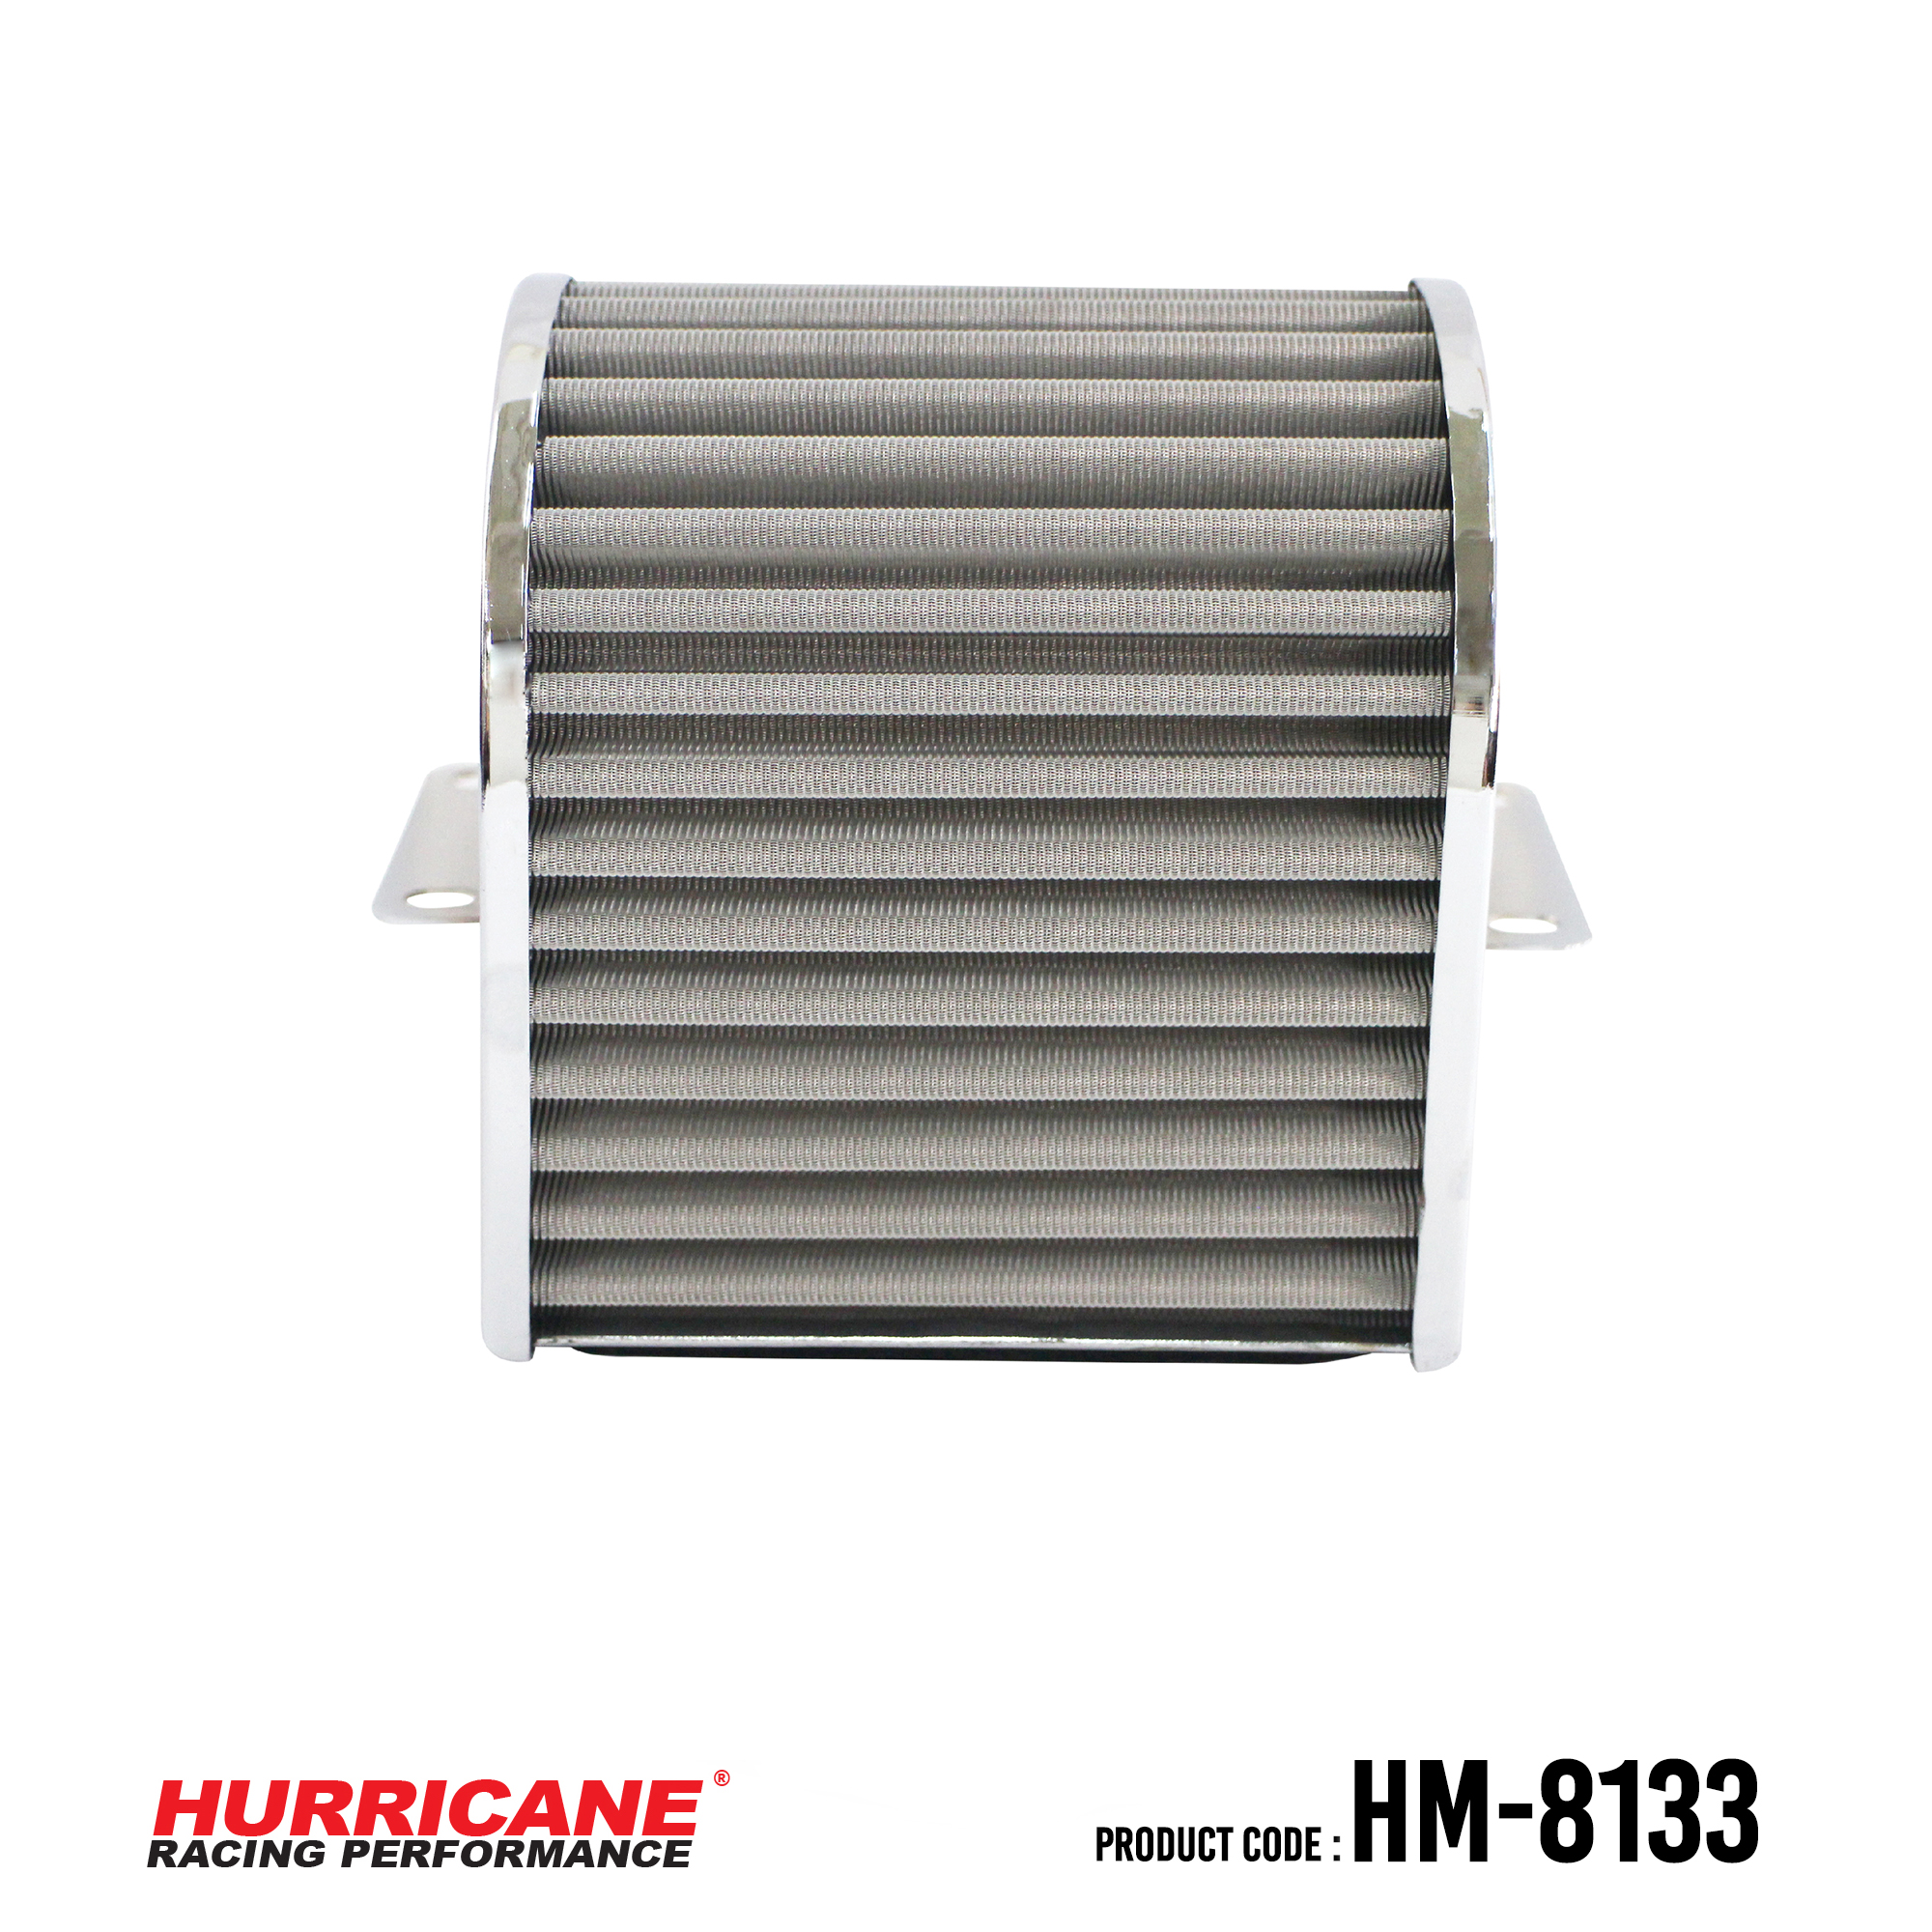 HURRICANE STAINLESS STEEL AIR FILTER FOR HM-8133 Honda